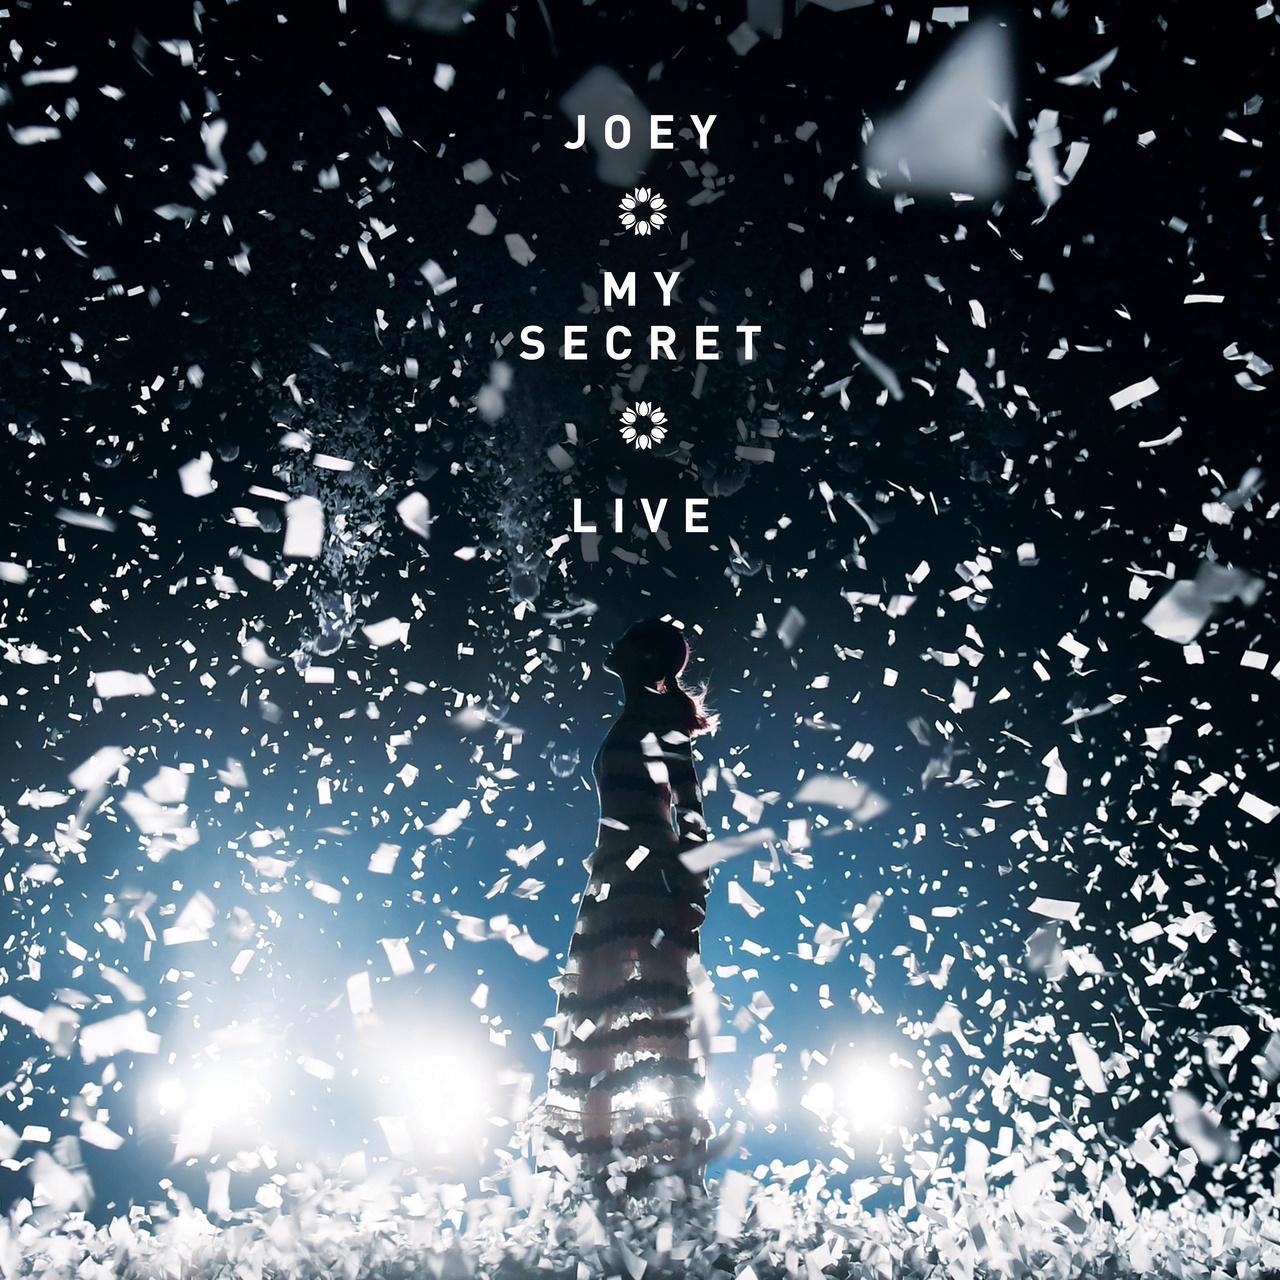 容祖儿 Joey. My Secret. Live